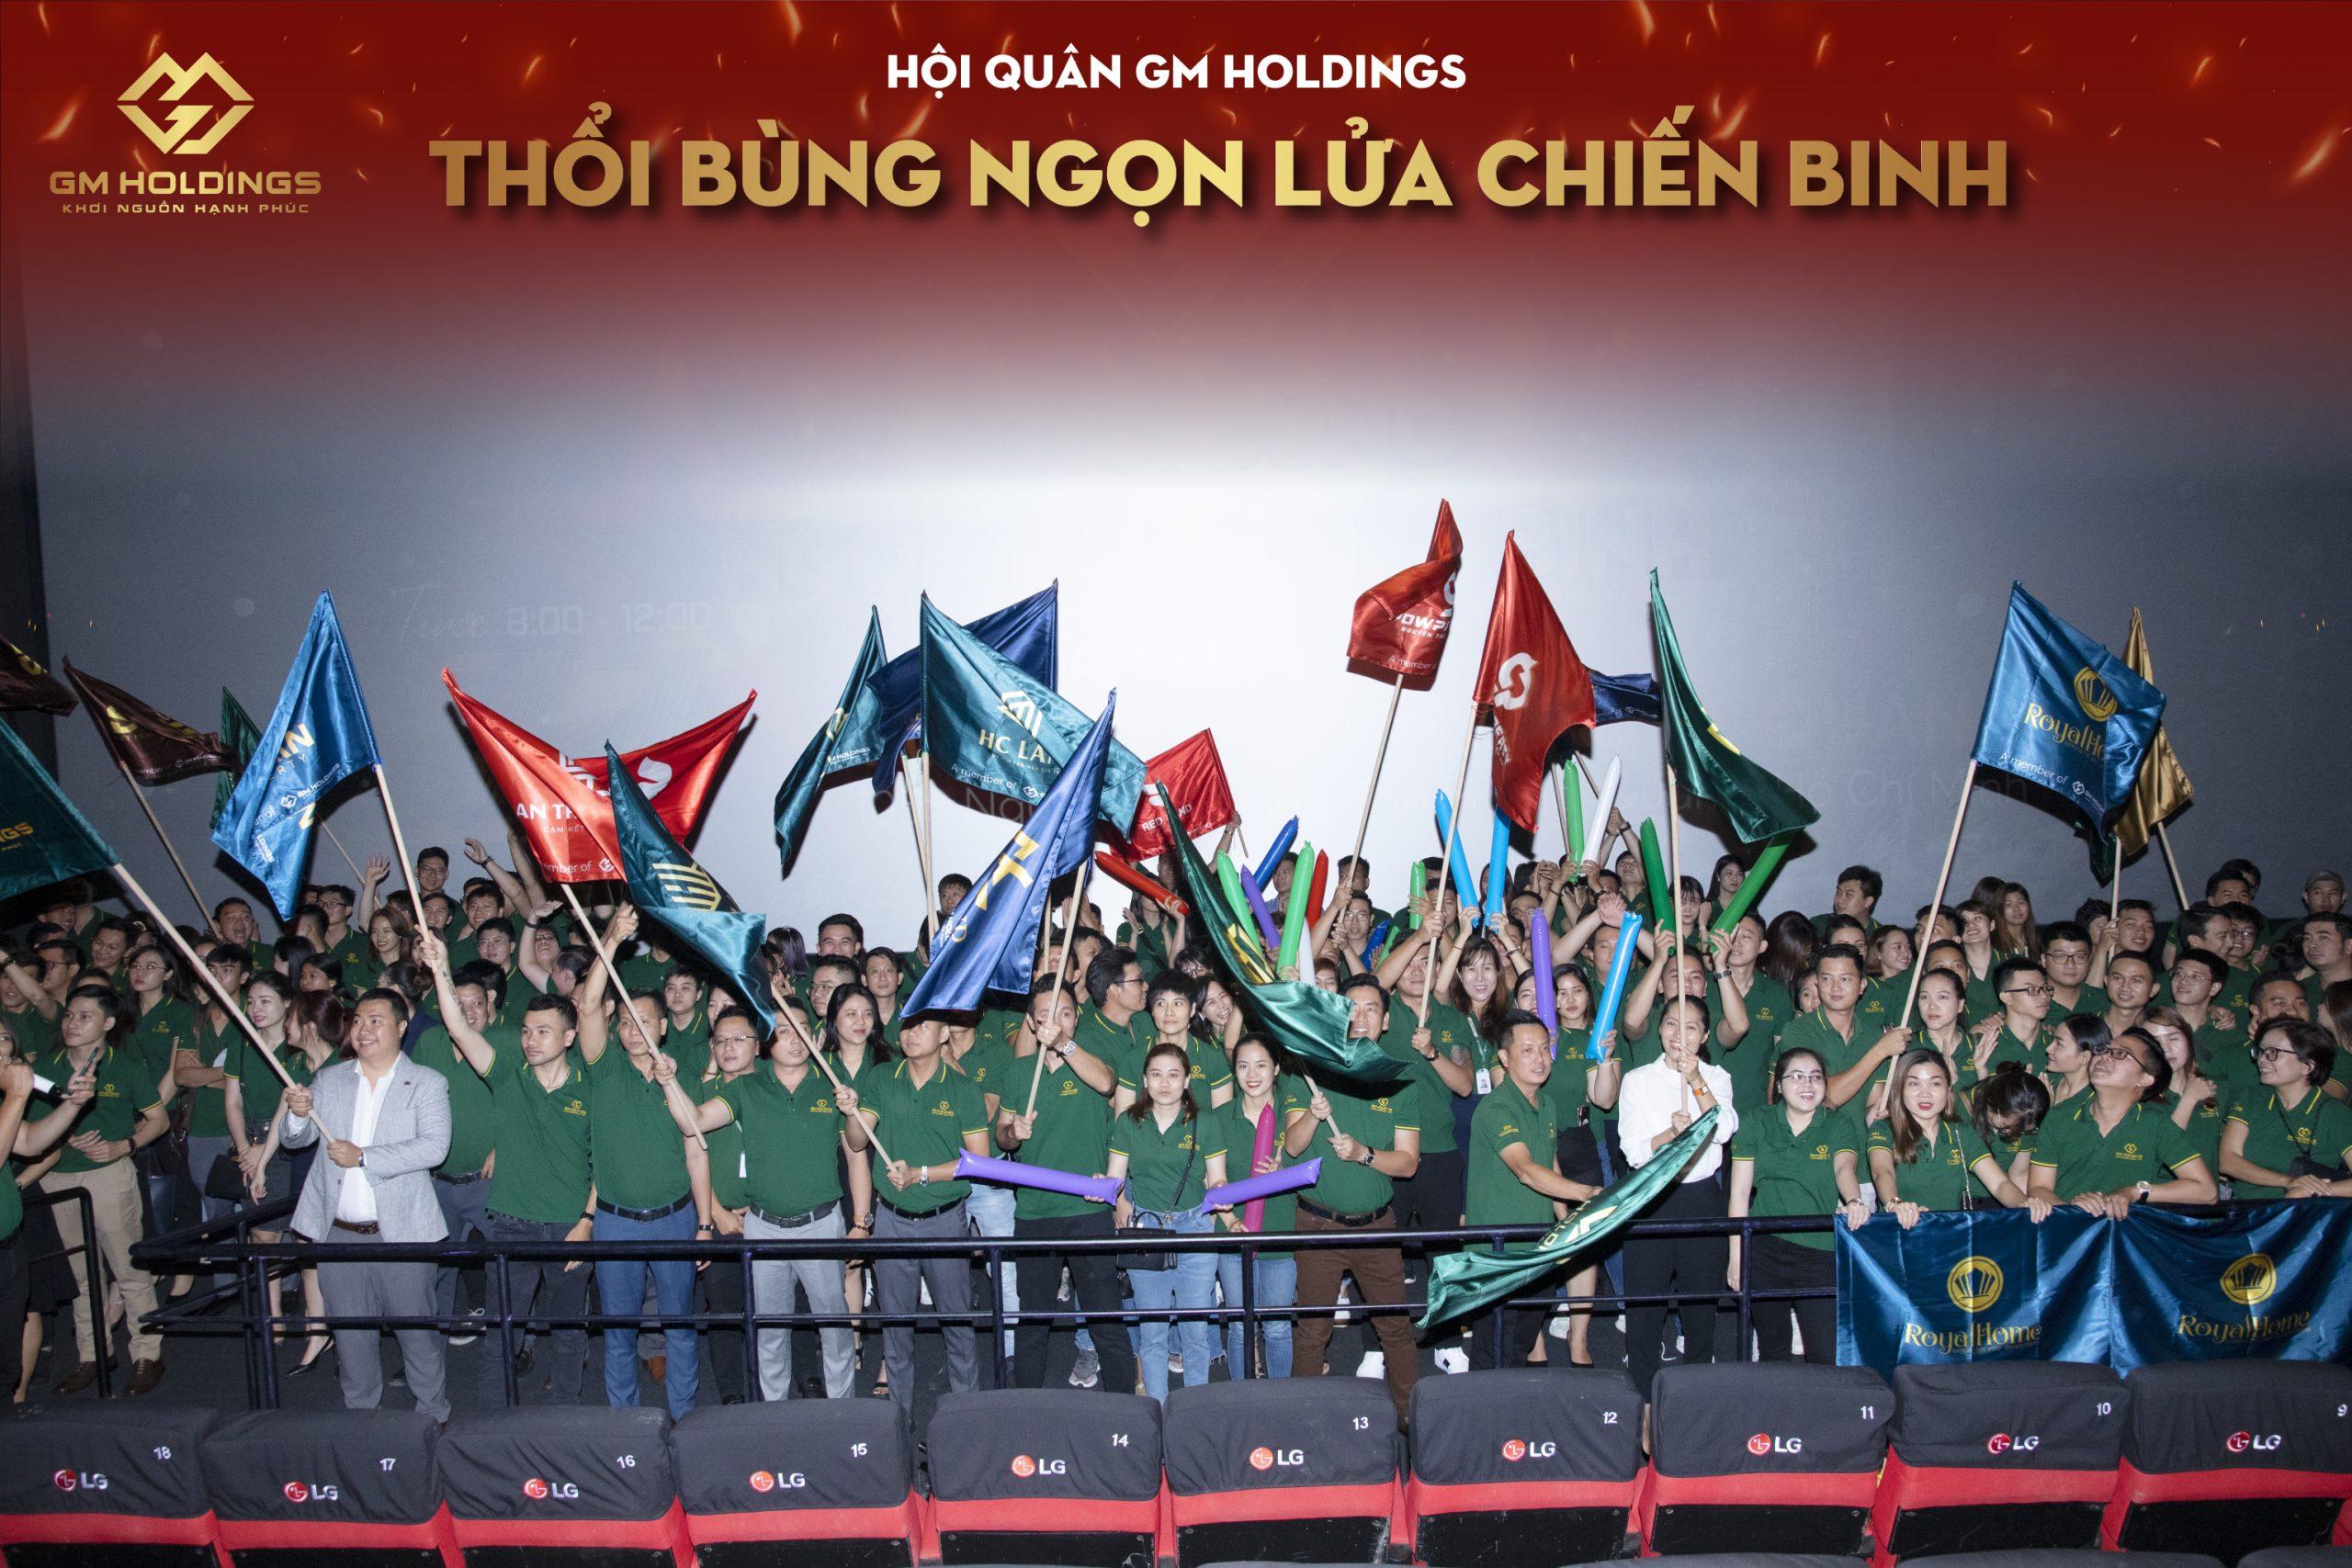 su-kien-hoi-quan-gm-holdings-thoi-bung-ngon-lua-chien-binh